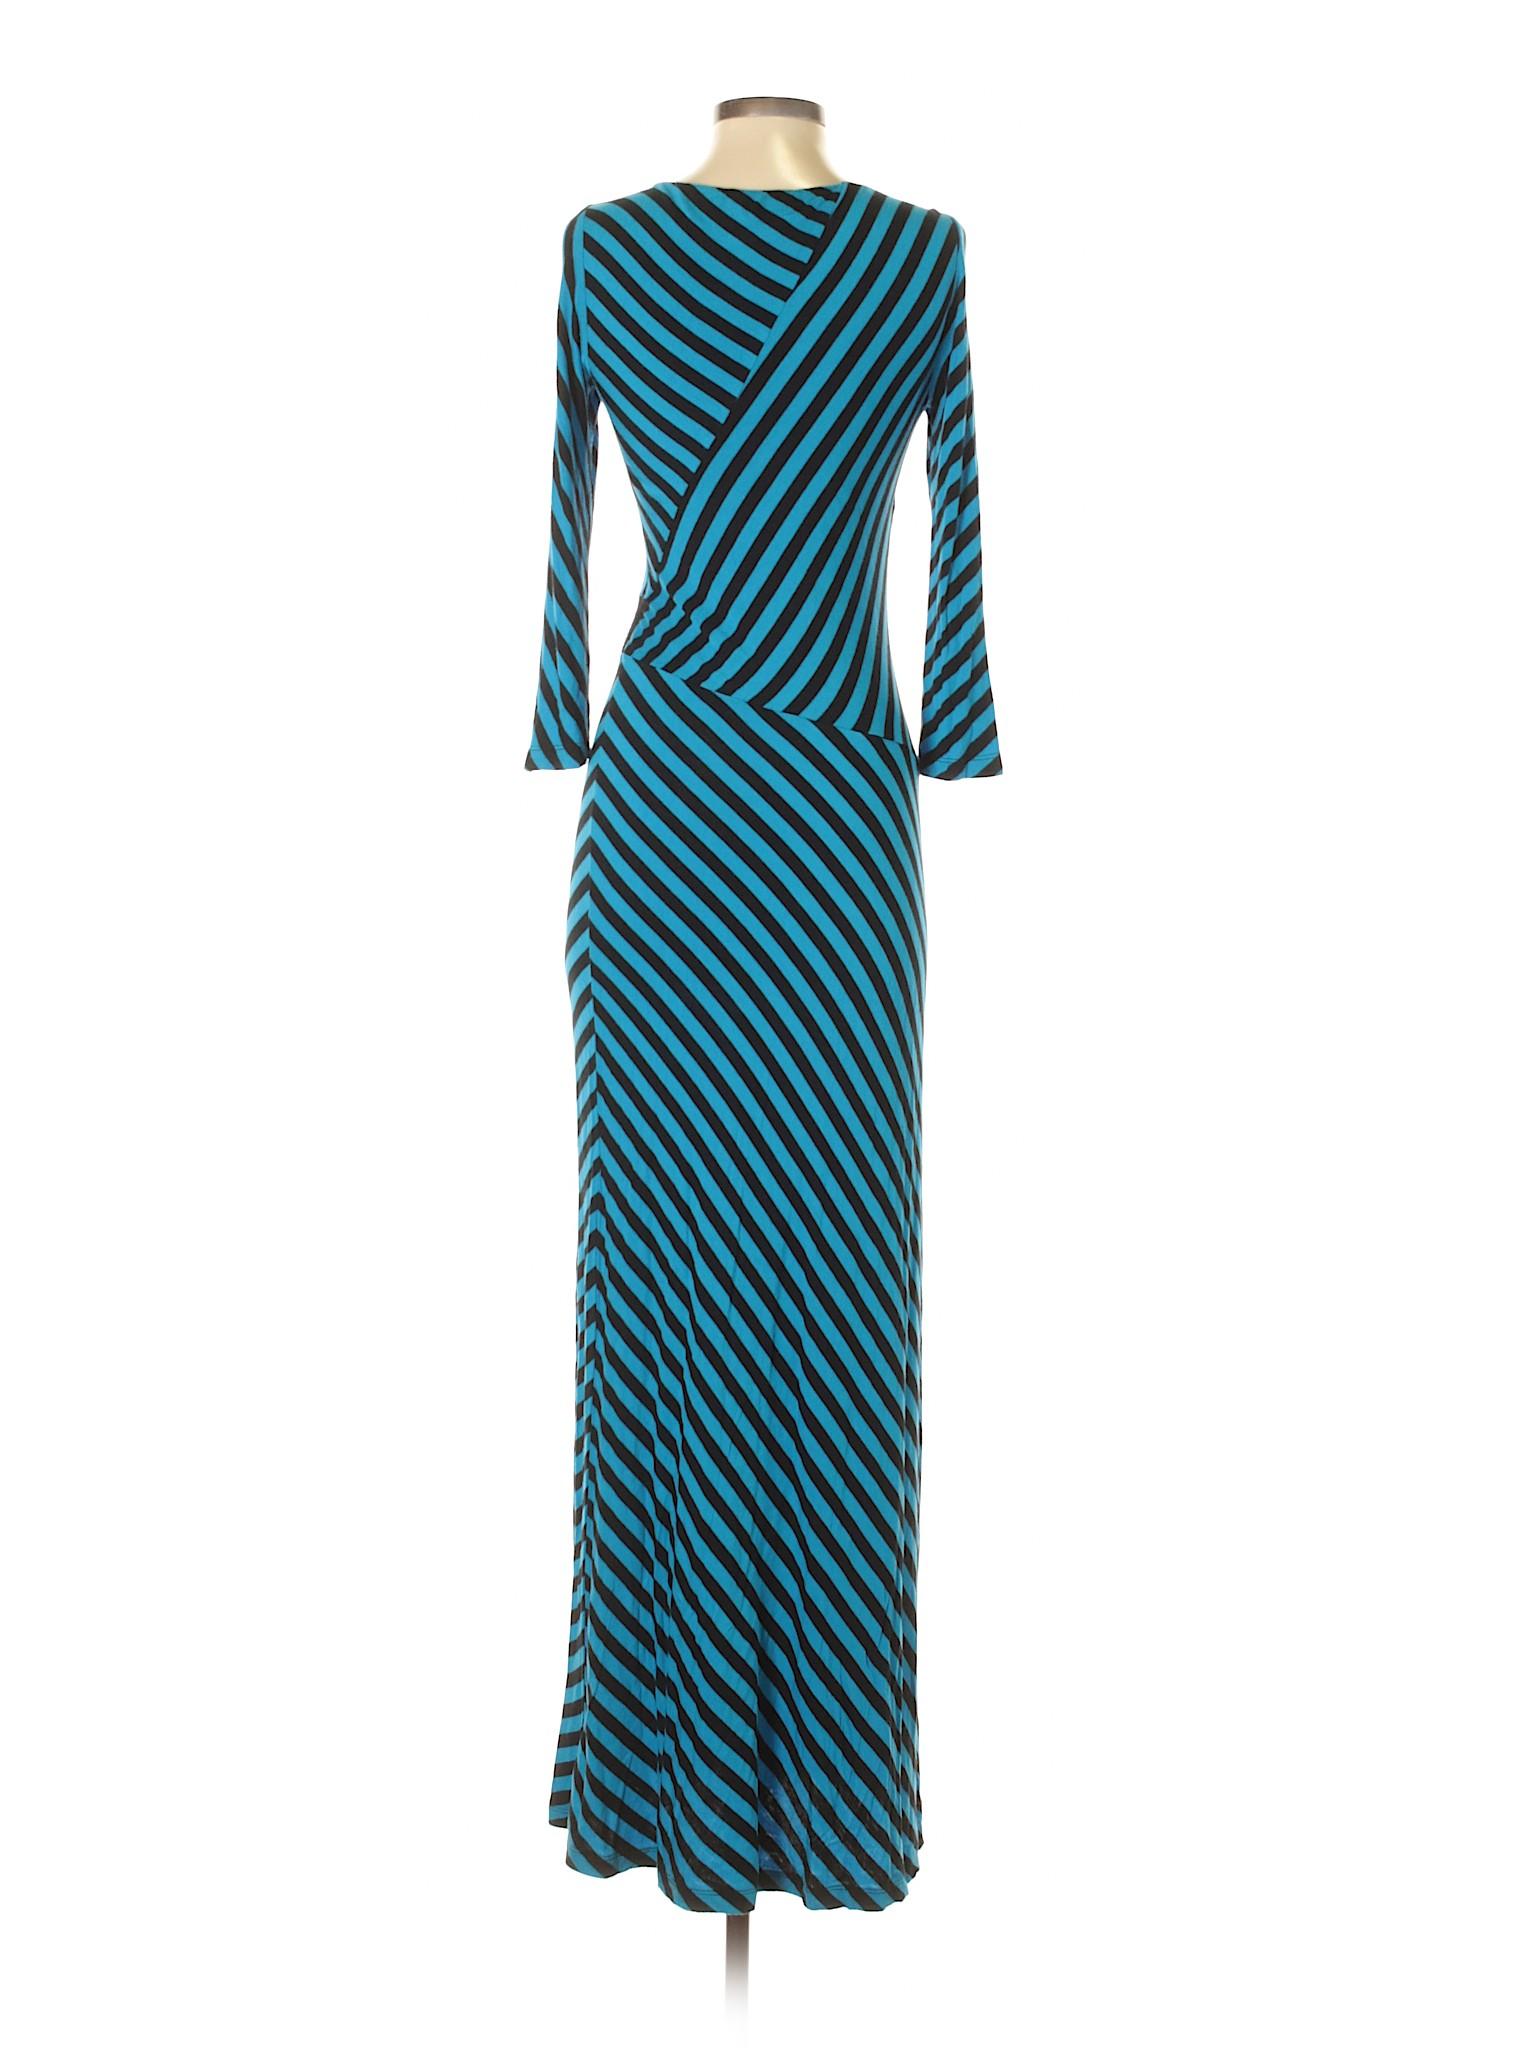 ECI Boutique winter ECI Casual Boutique Dress Dress Boutique winter Casual Rqqrw0d